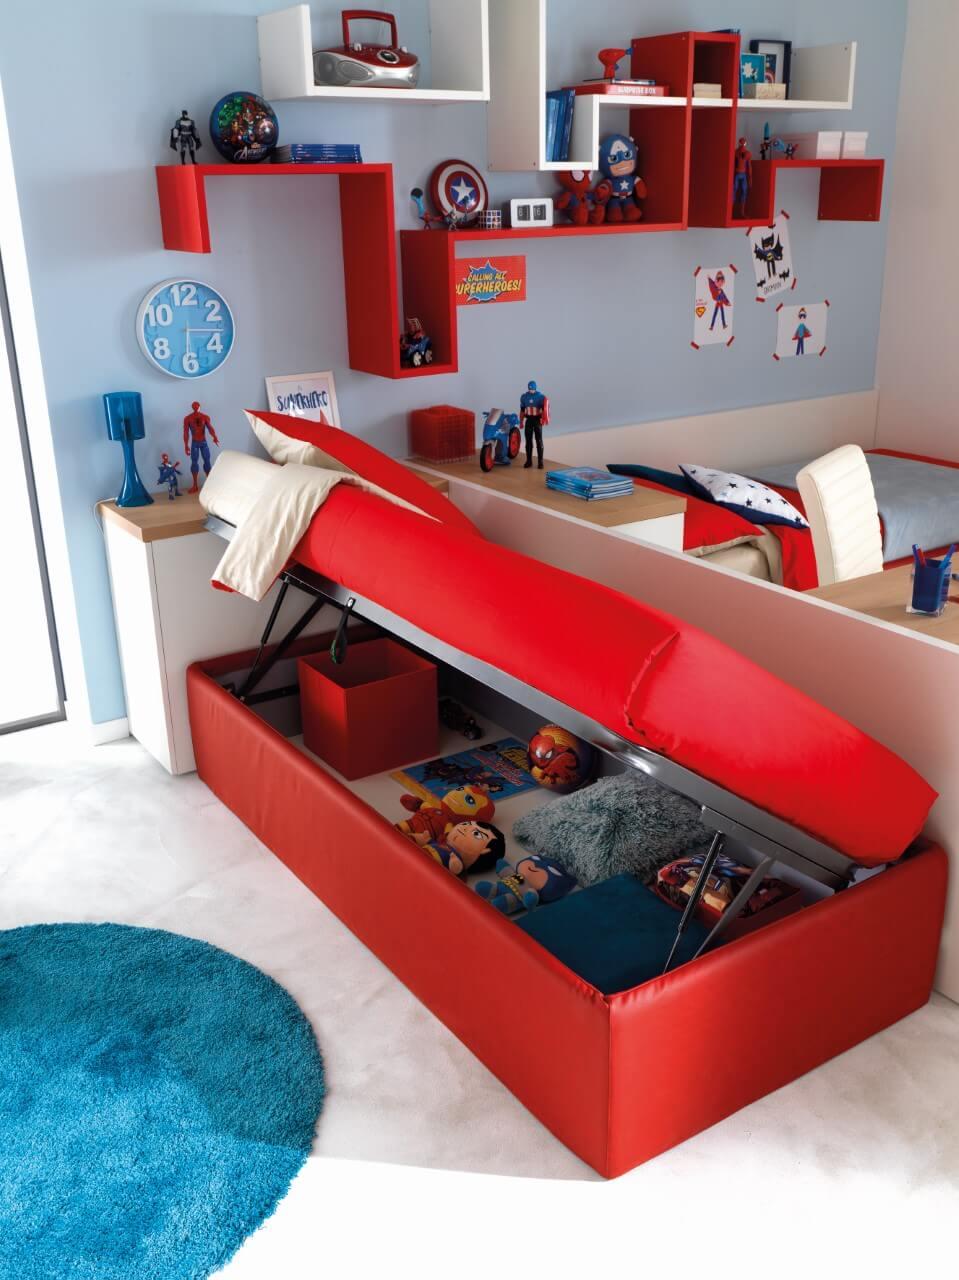 Nábytok pre deti: Ako zariadiť detskú izbu?